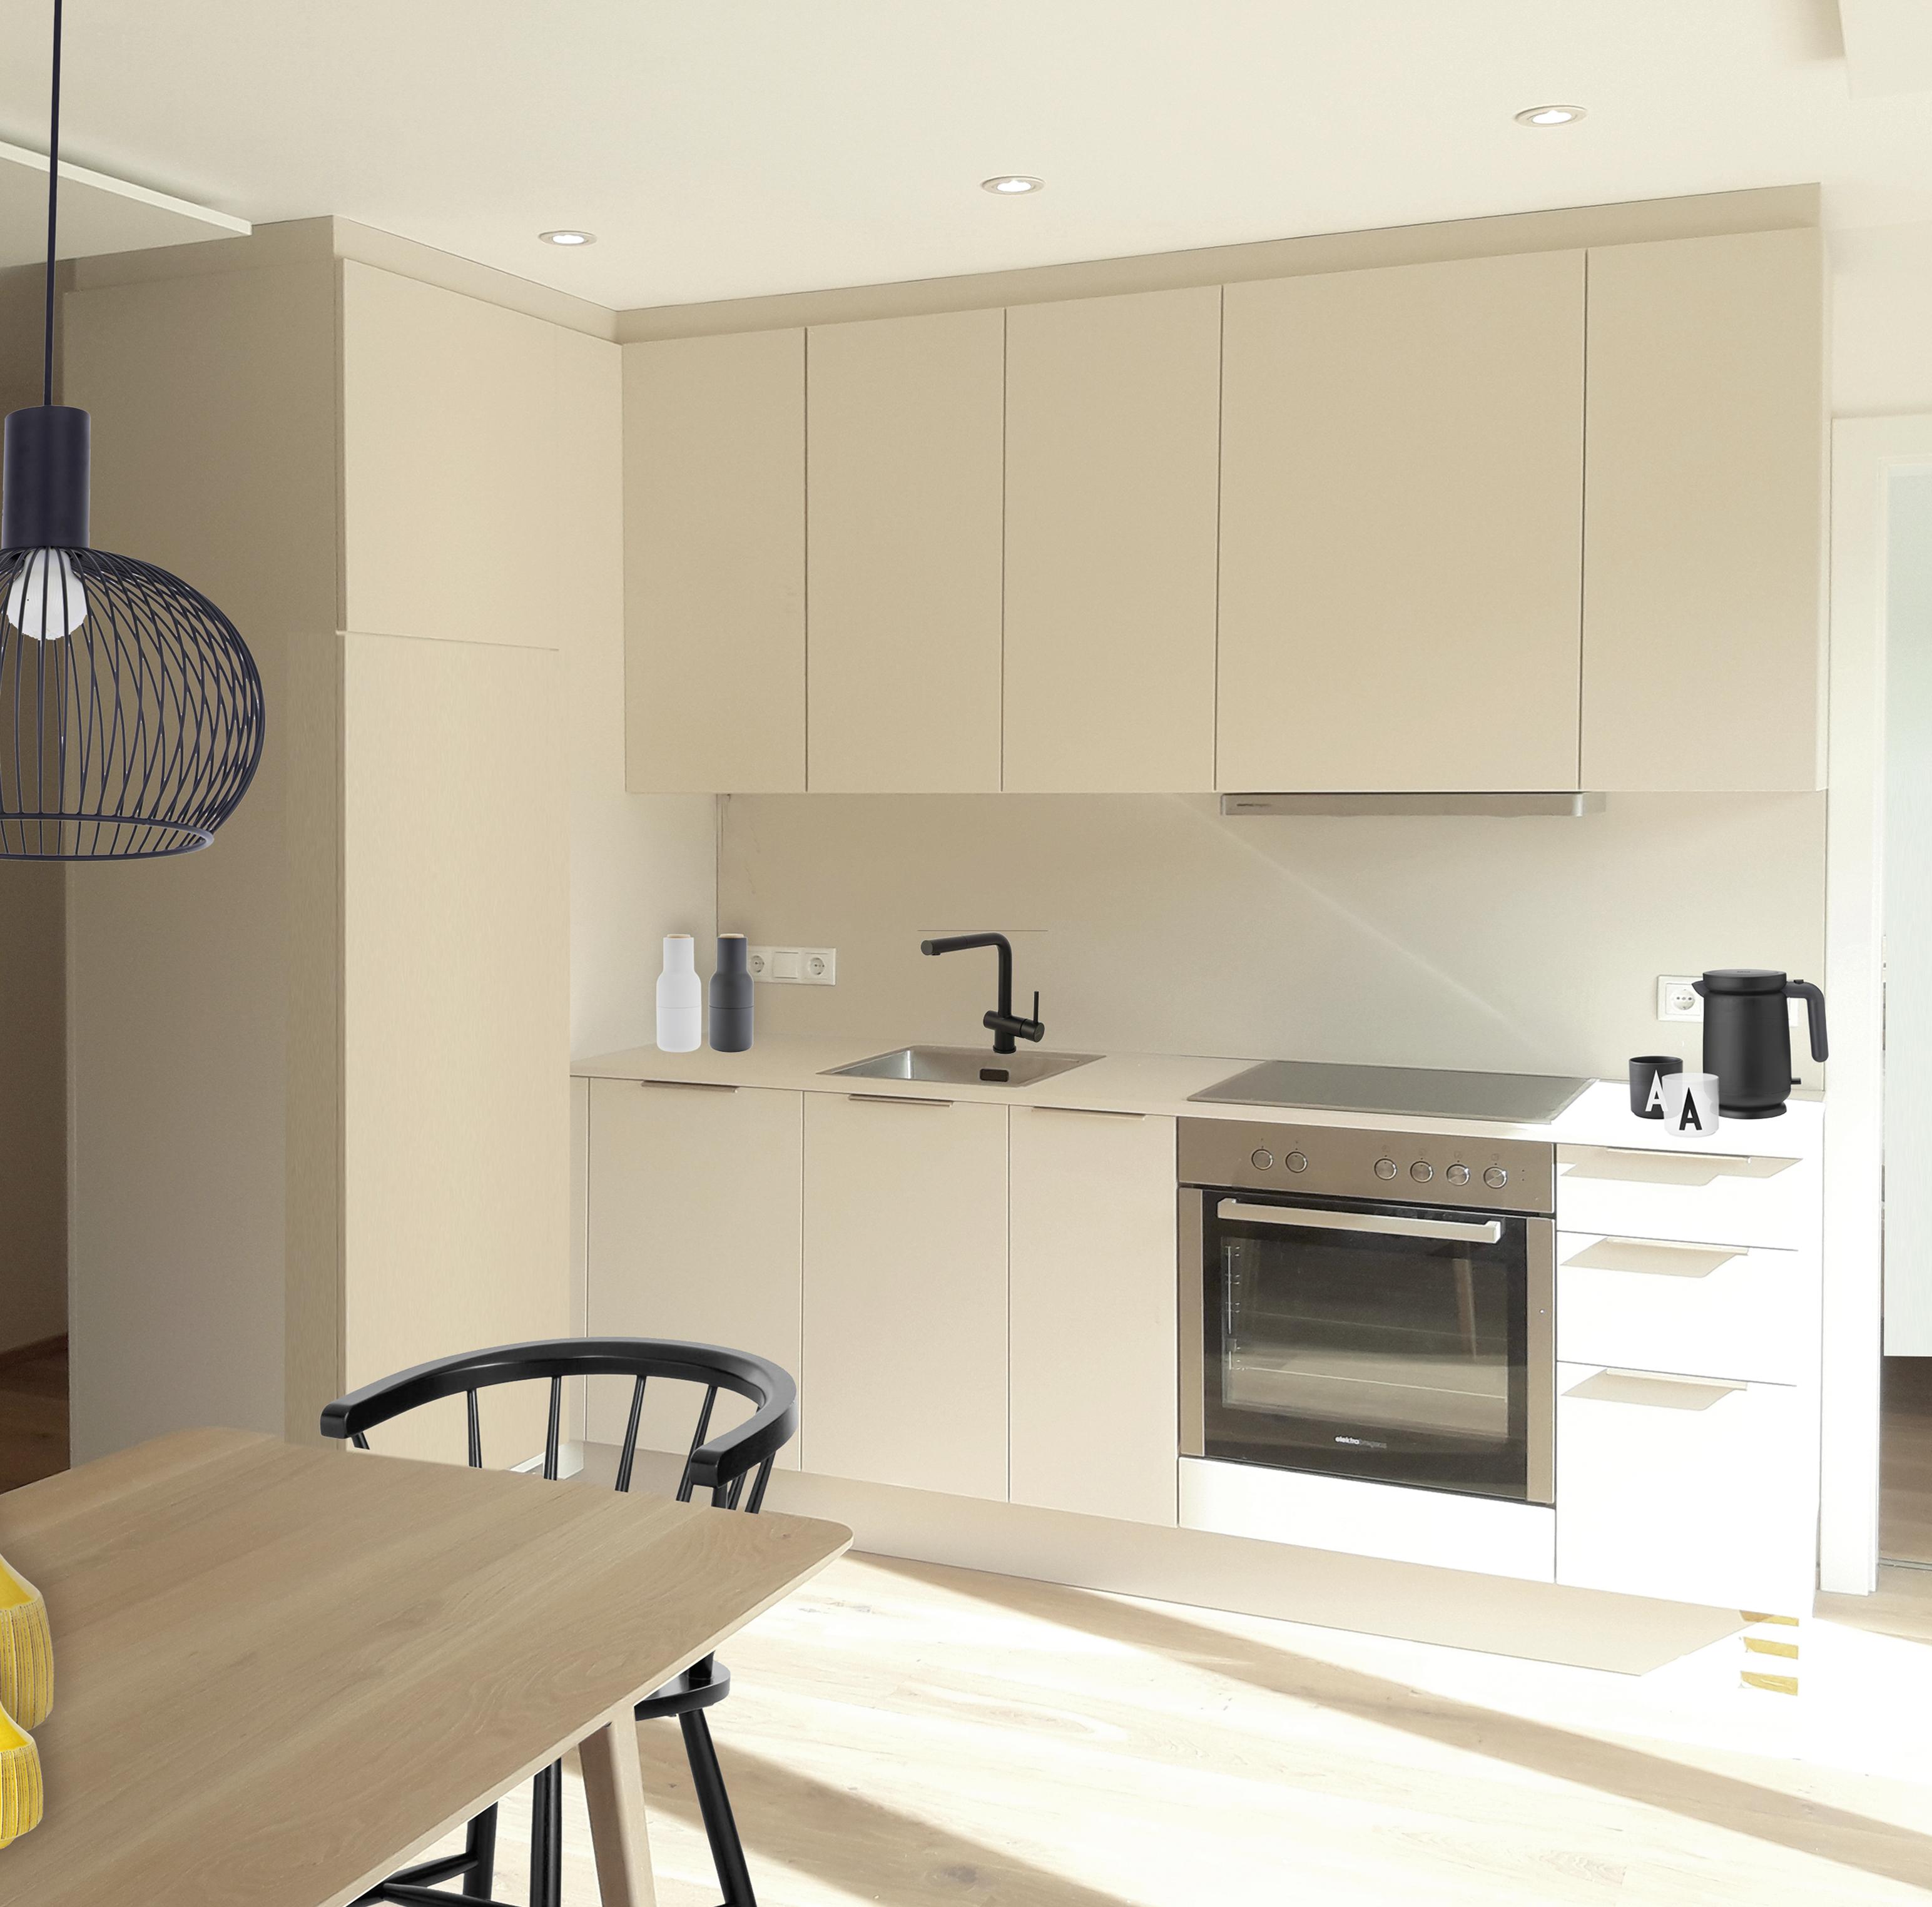 ME&ME-50m2-Haus-Küche